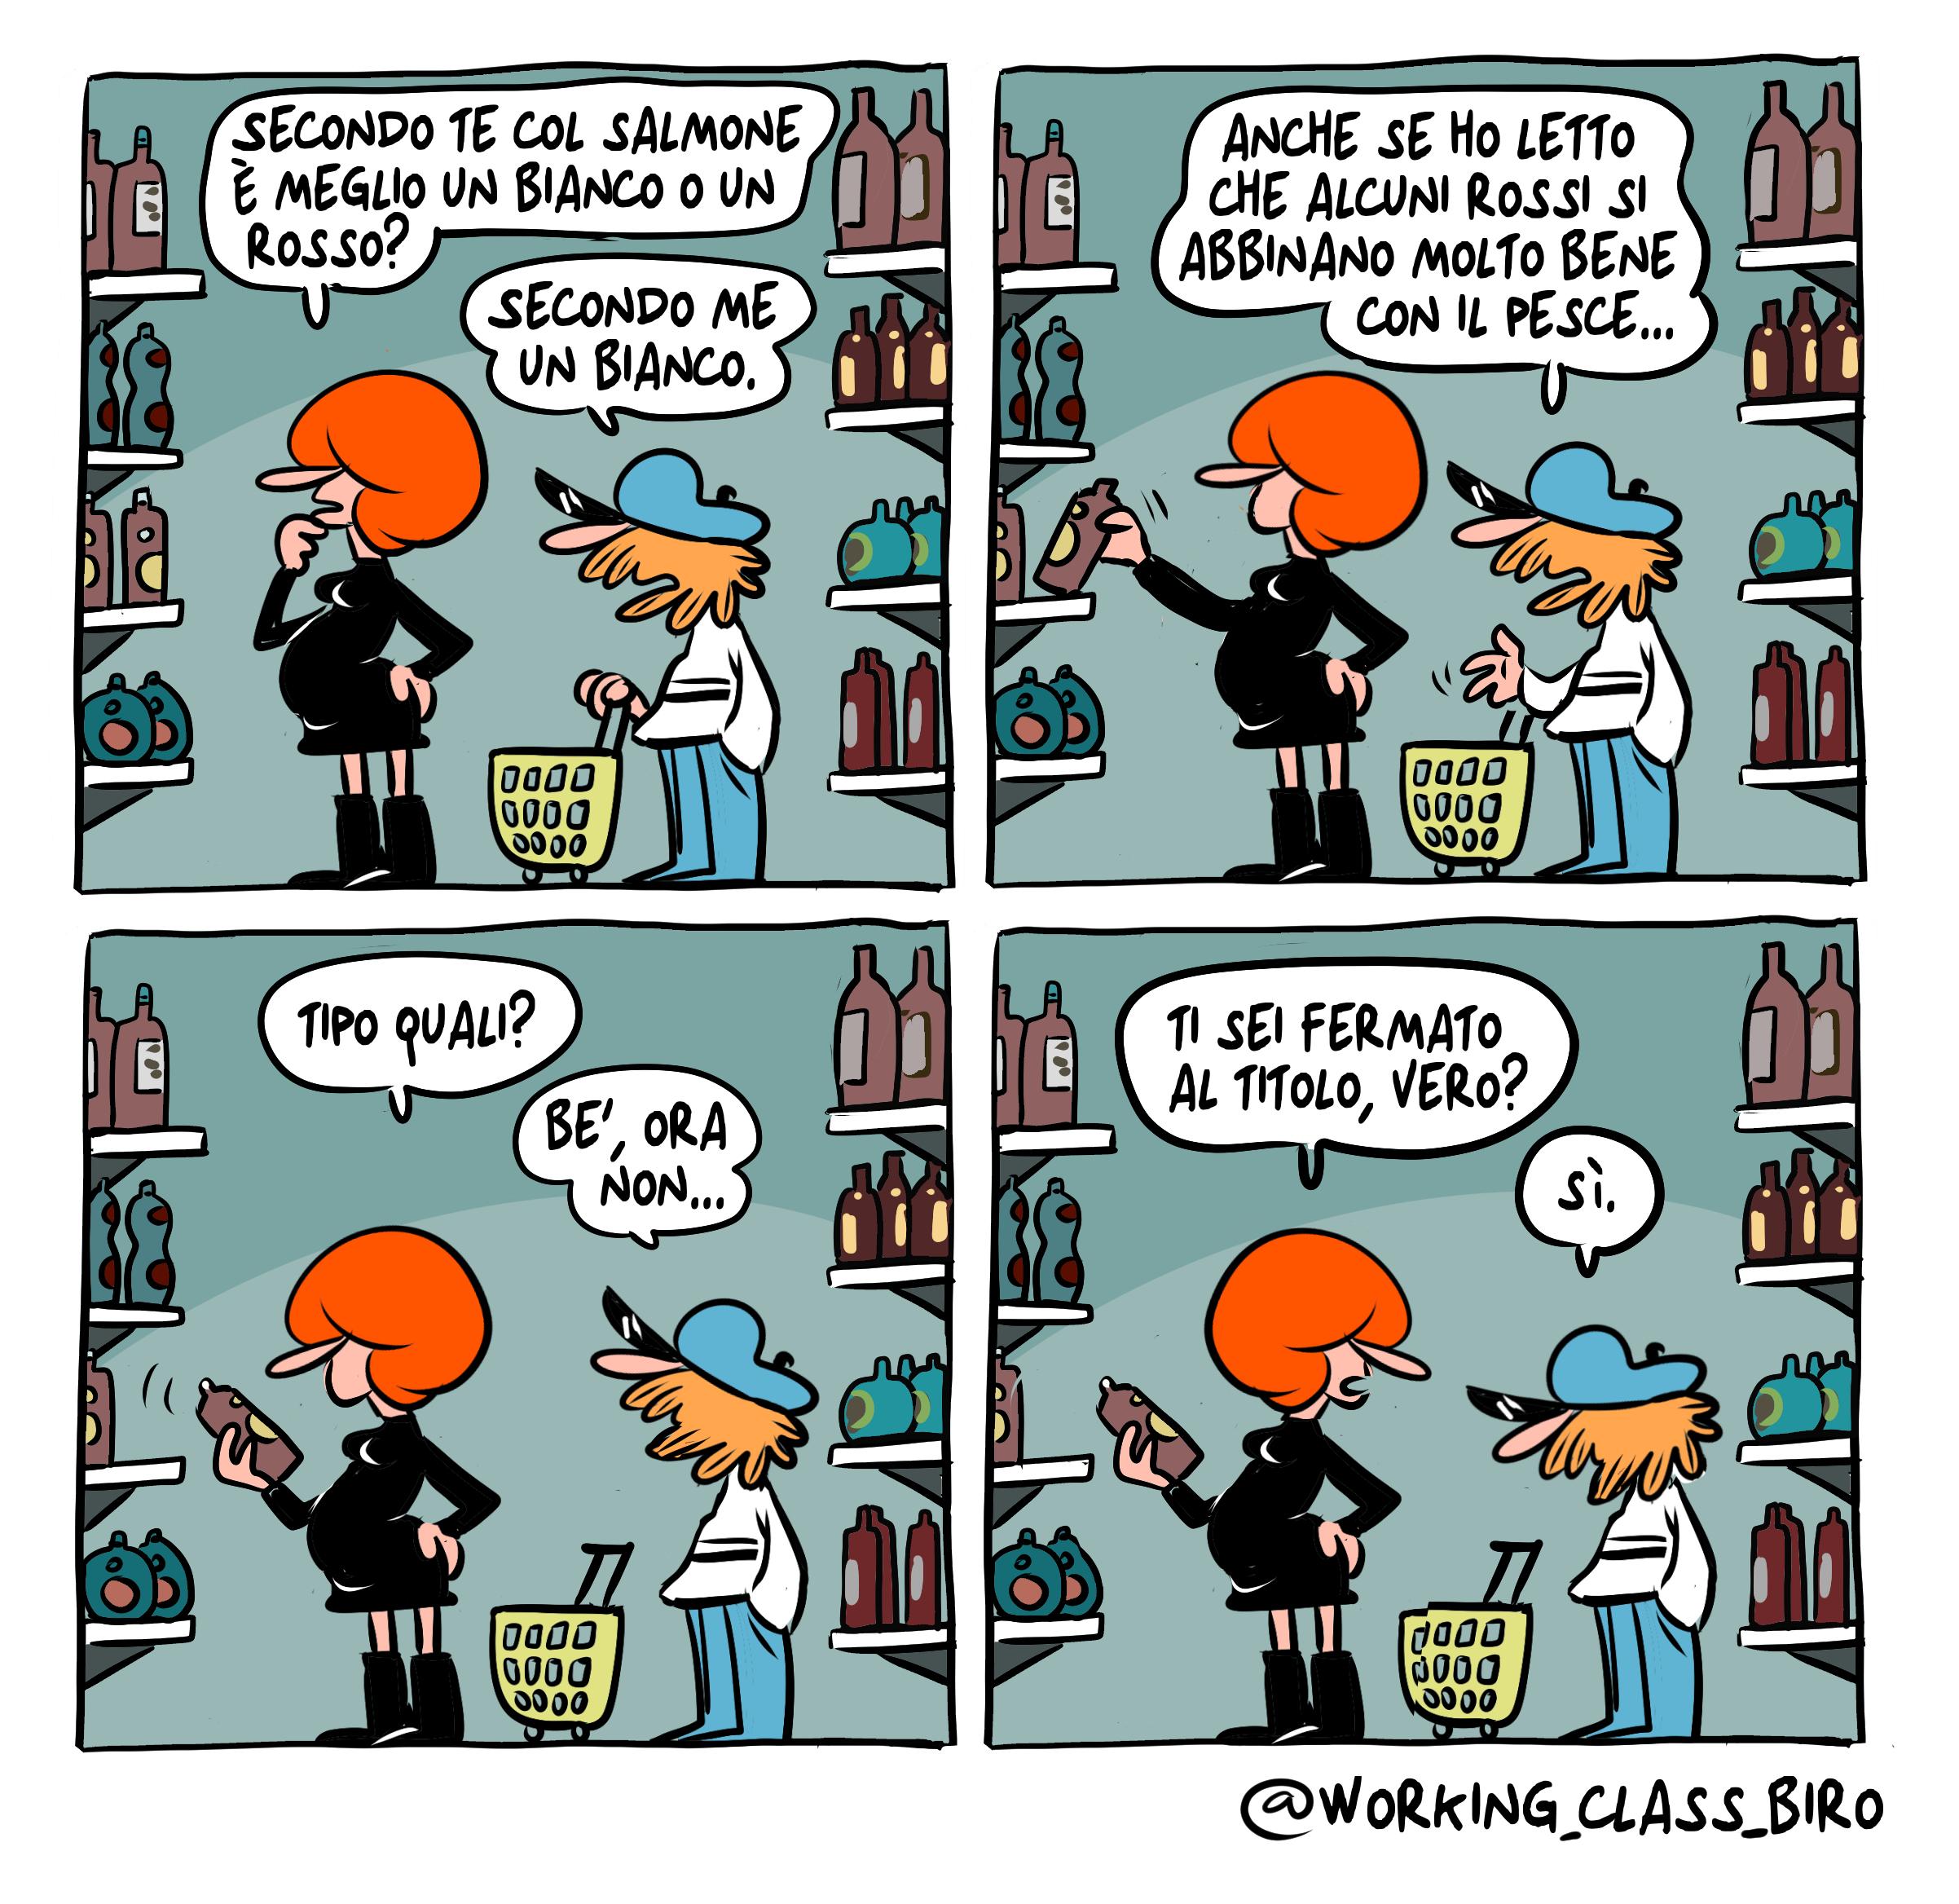 BIANCO O ROSSO